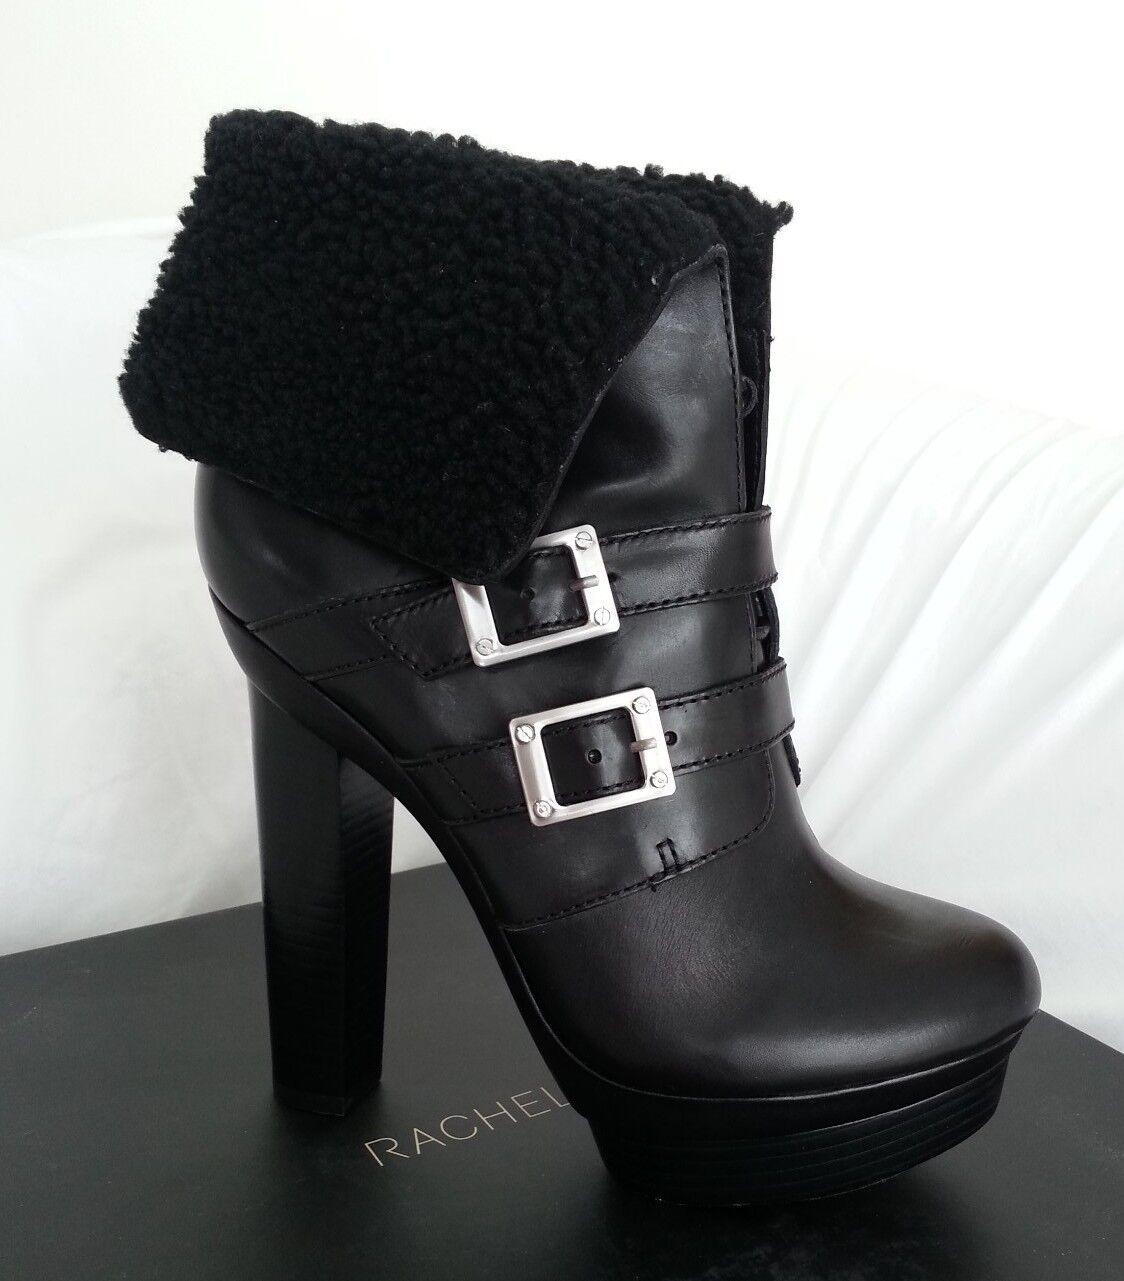 basso prezzo del 40% Rachael Zoe Piper Leather & & & Shearling Lace Up Platform avvio Dimensione 10-NIB-RP  525  autorizzazione